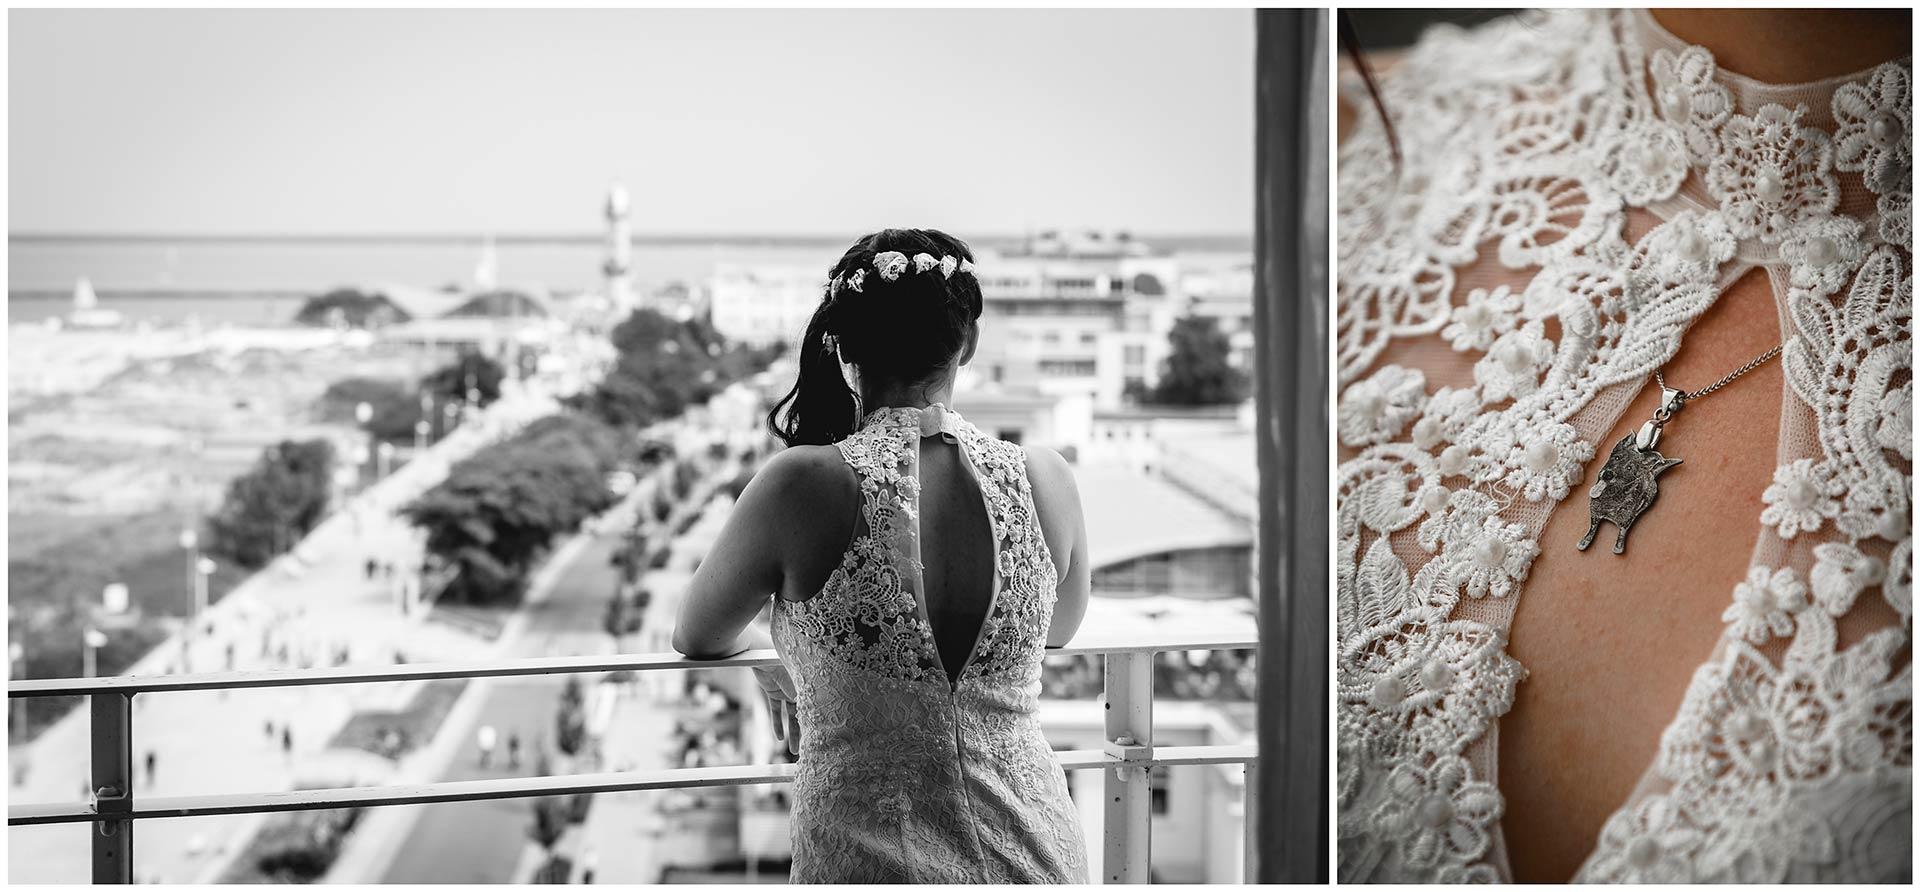 Foto-1-Braut-steht-an-Balkonbrüstung-und-schaut-über-Warnemünde-Warnemünde-im-Hintergrund-Foto-2-Detaiaufnahme-Kettenanhänger-mit-Hund-Hochzeitsfotograf-Warnemuende-Rostock-Hochzeitsfotograf-Ostseebad-Warnemuende